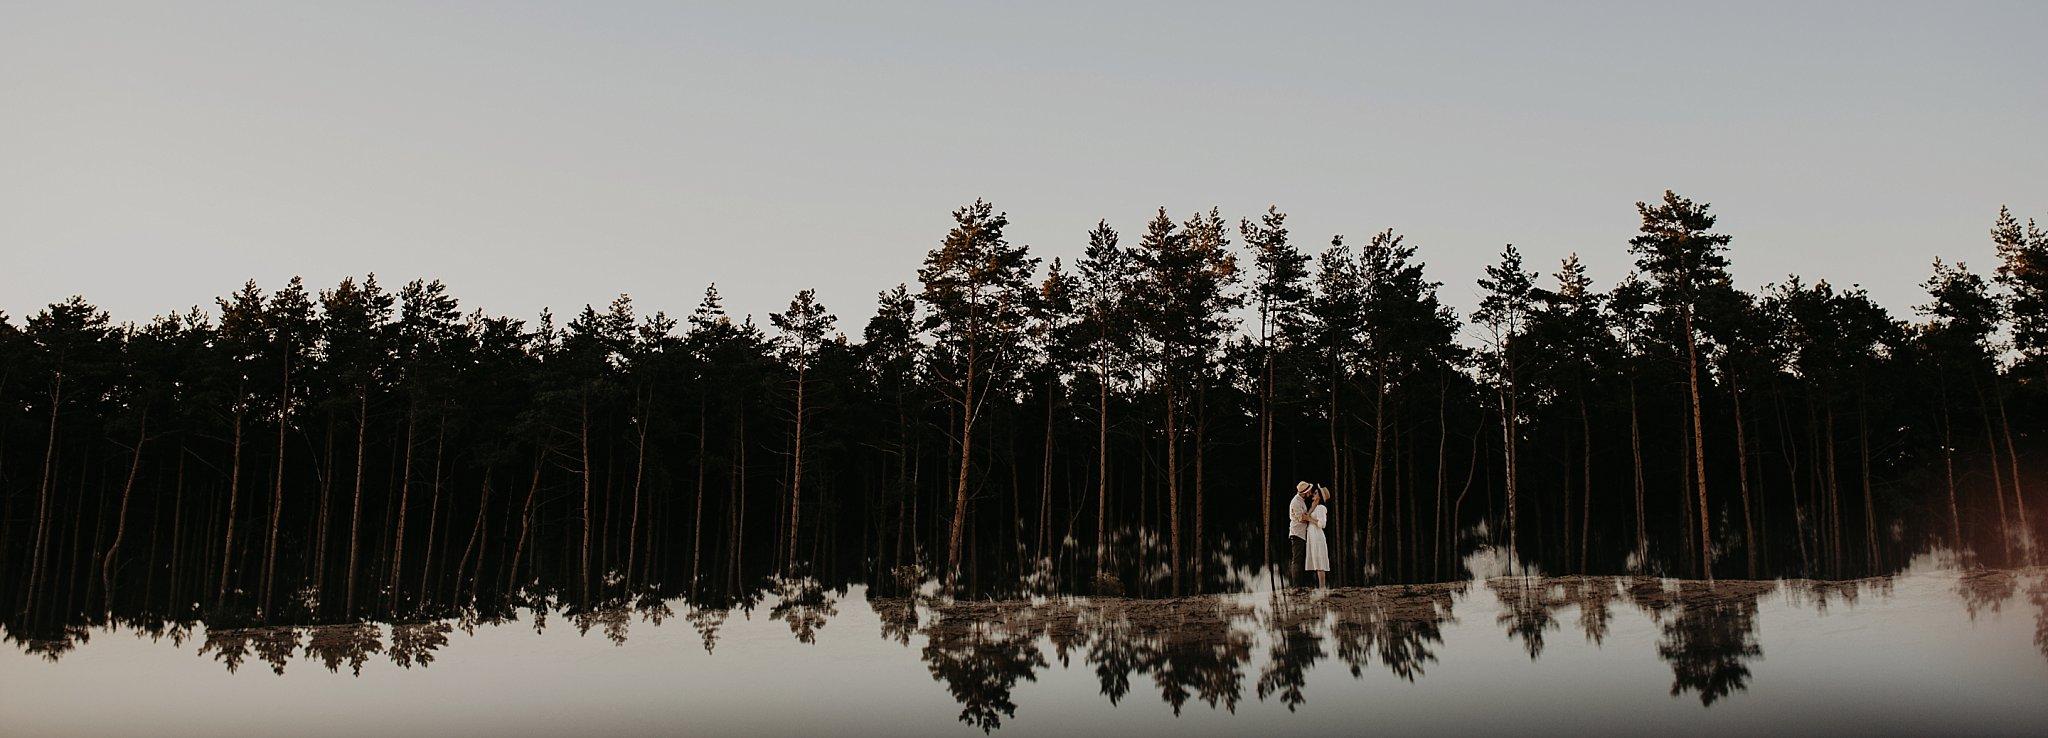 piekna sesja narzeczenska rustykalna romantyczna sesja na pustyni sesja zdjeciowa poznan krugphotography fotograf slubny z poznania fotografia slubna poznan 6600